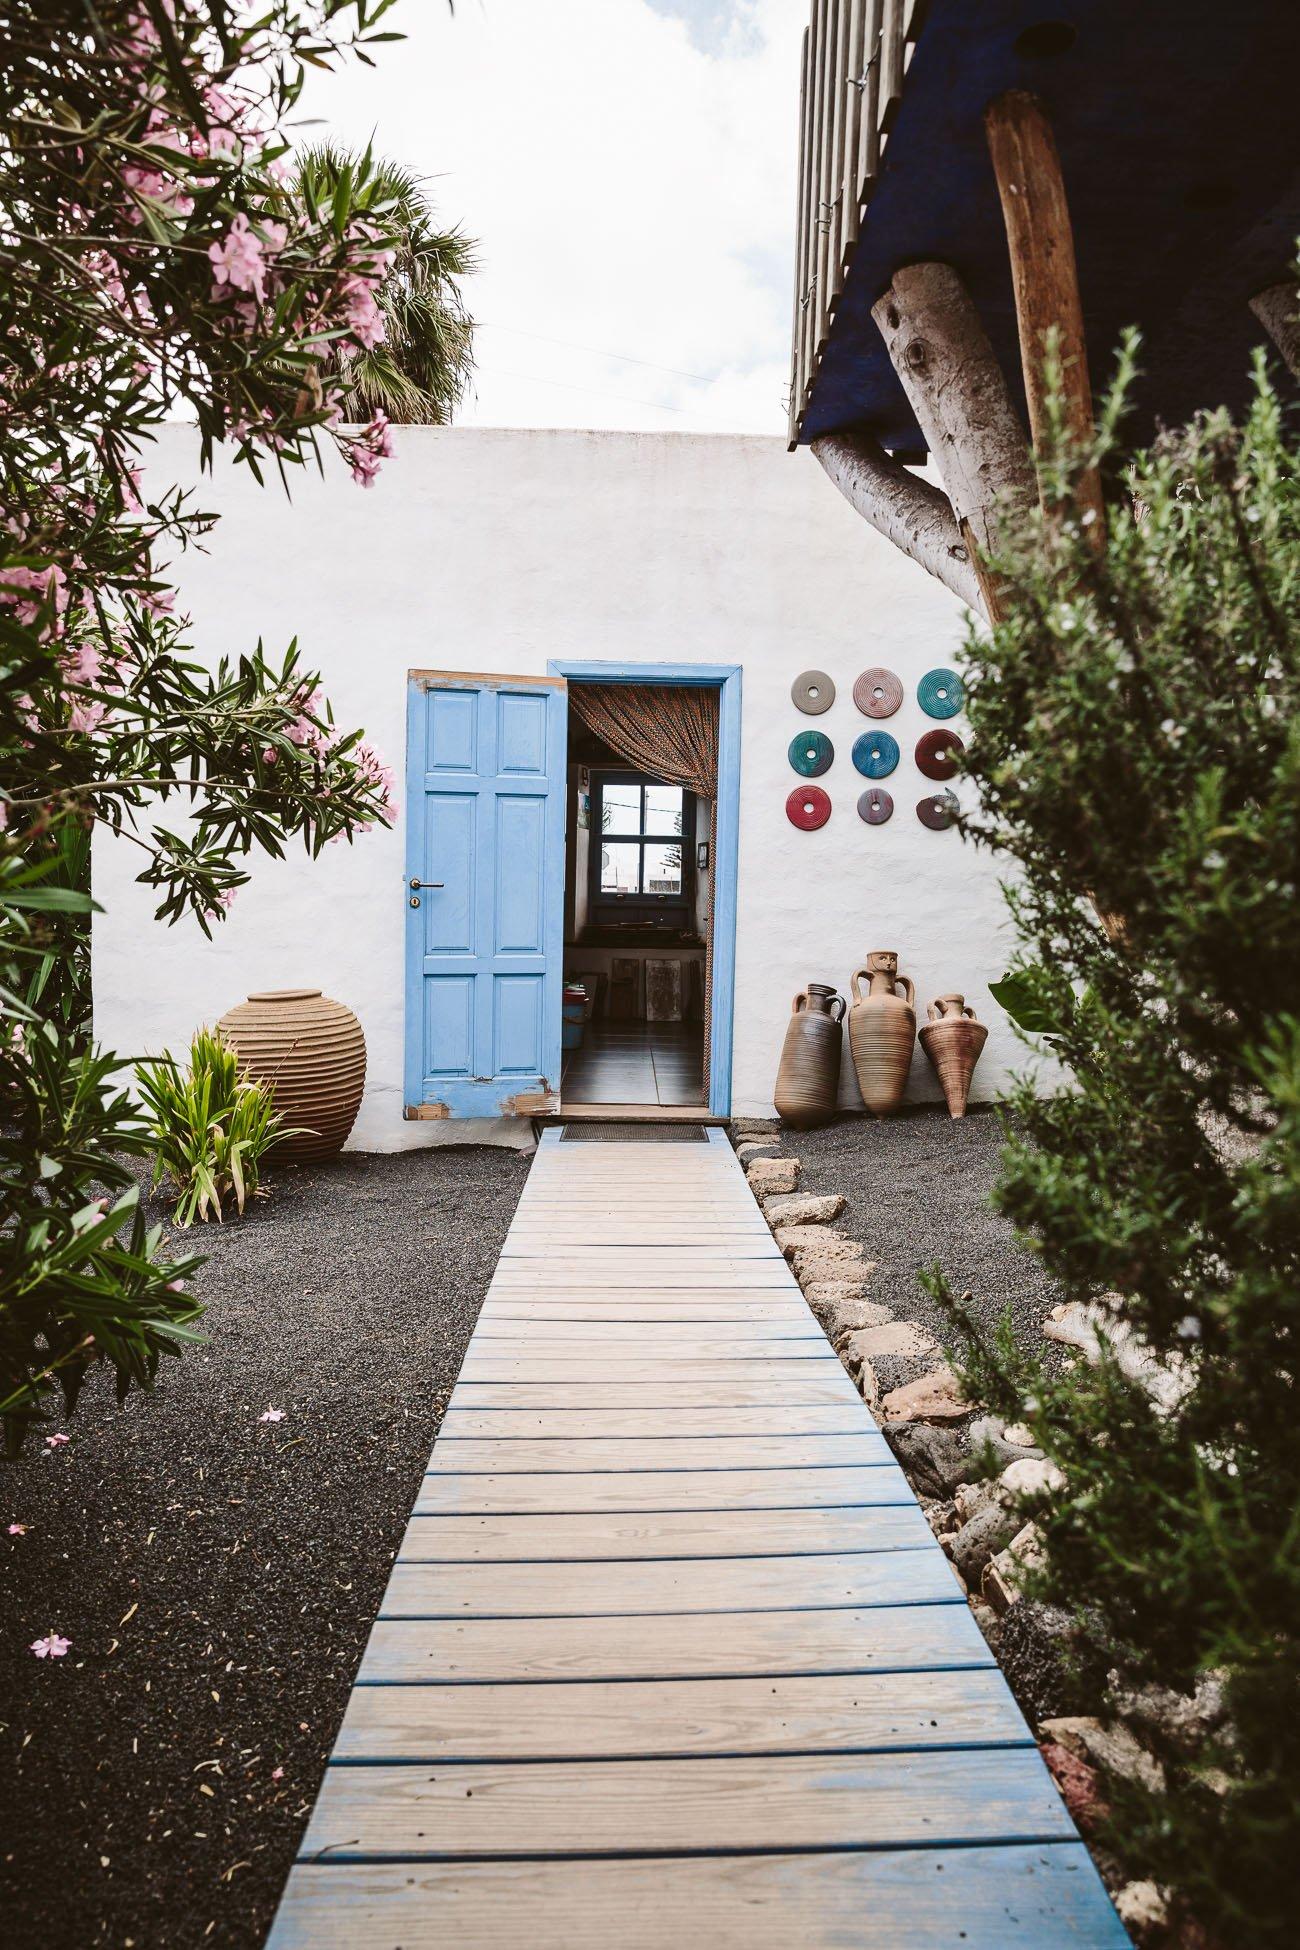 Atelier + Ceramica Studio in Teseguite Lanzarote